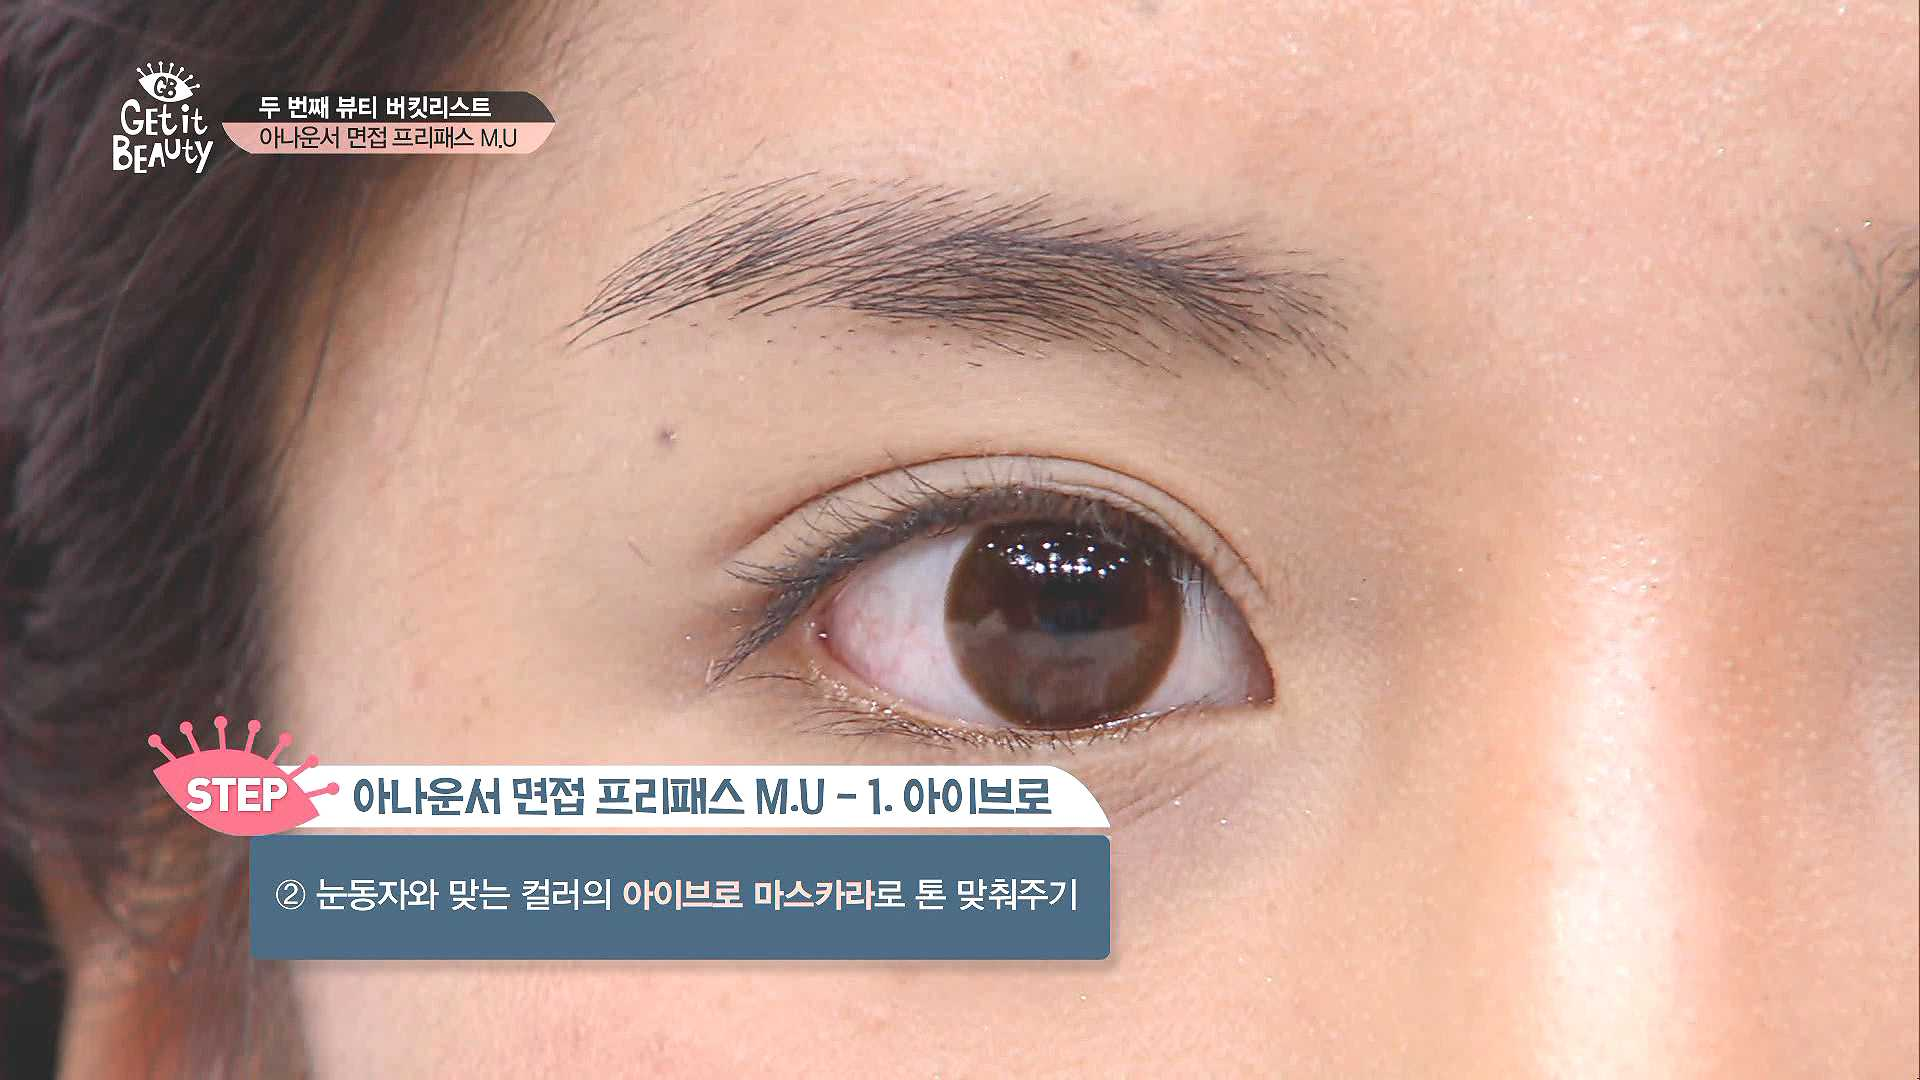 다음은 눈동자와 맞는 컬러의 아이브로 마스카라로 톤 맞춰주기!